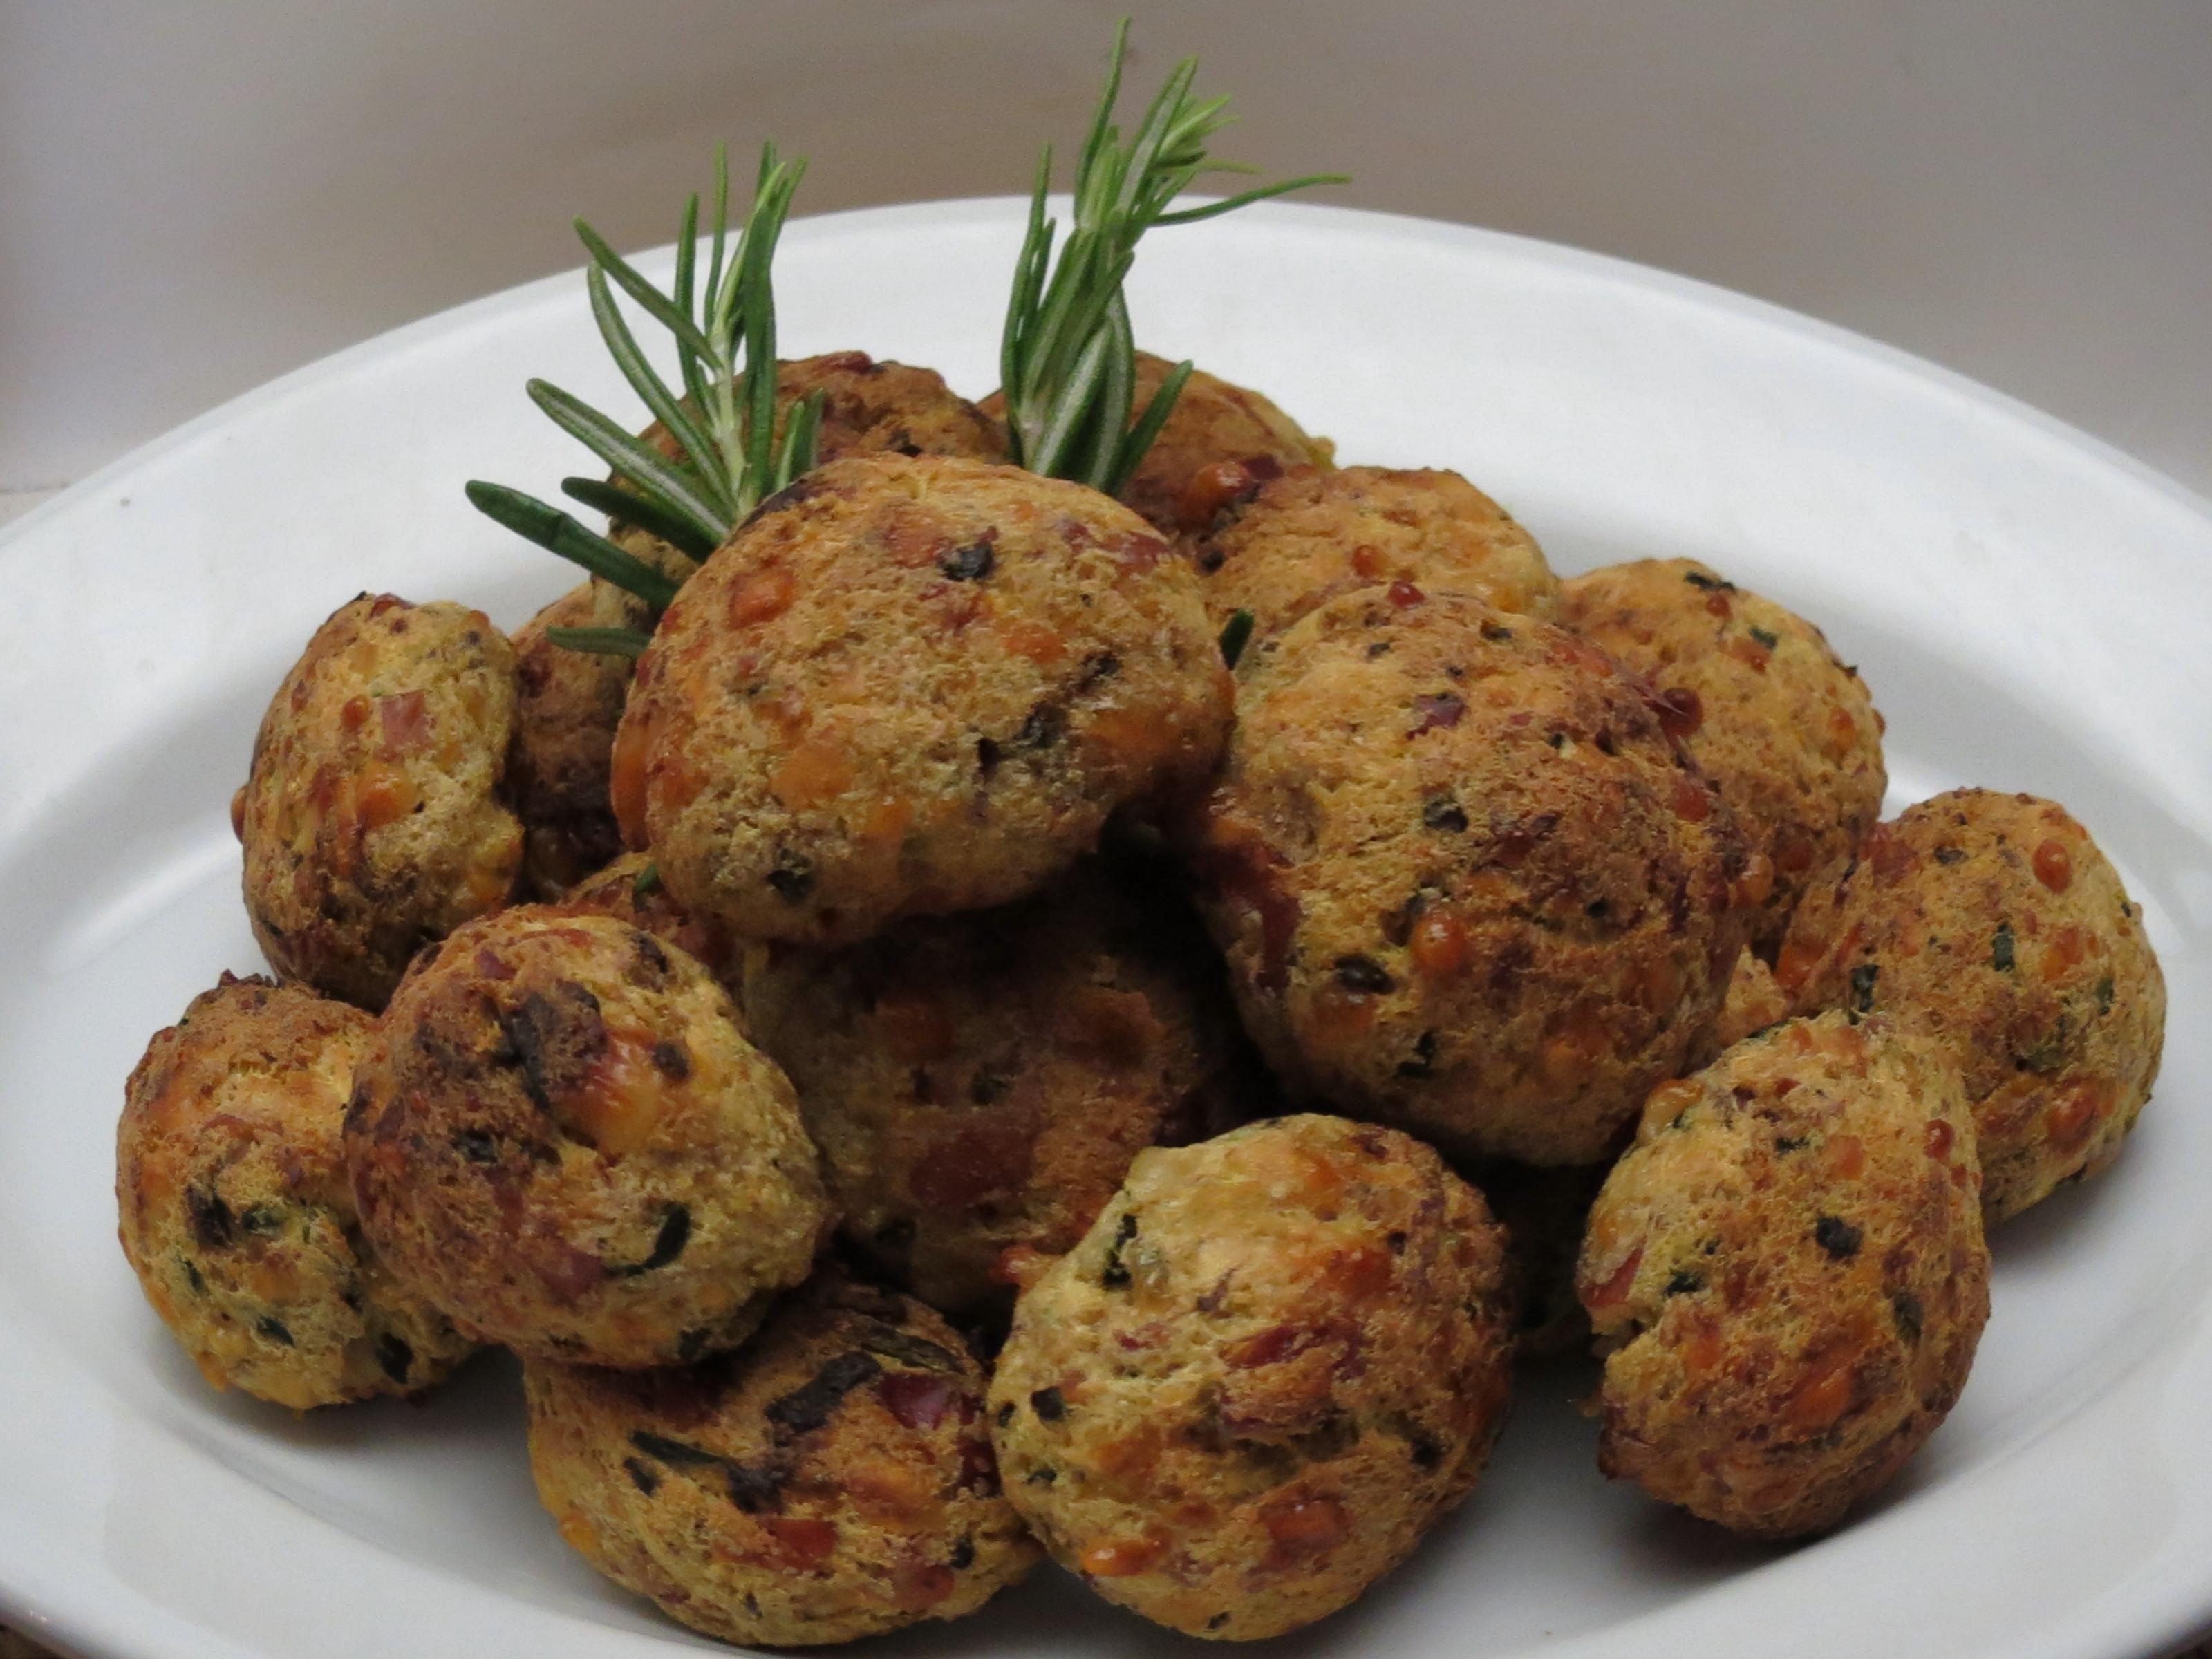 Exceptionnel Finger-Food Polpettine Ricotta Speck e Zucchine | La cucina di Lalla EL99